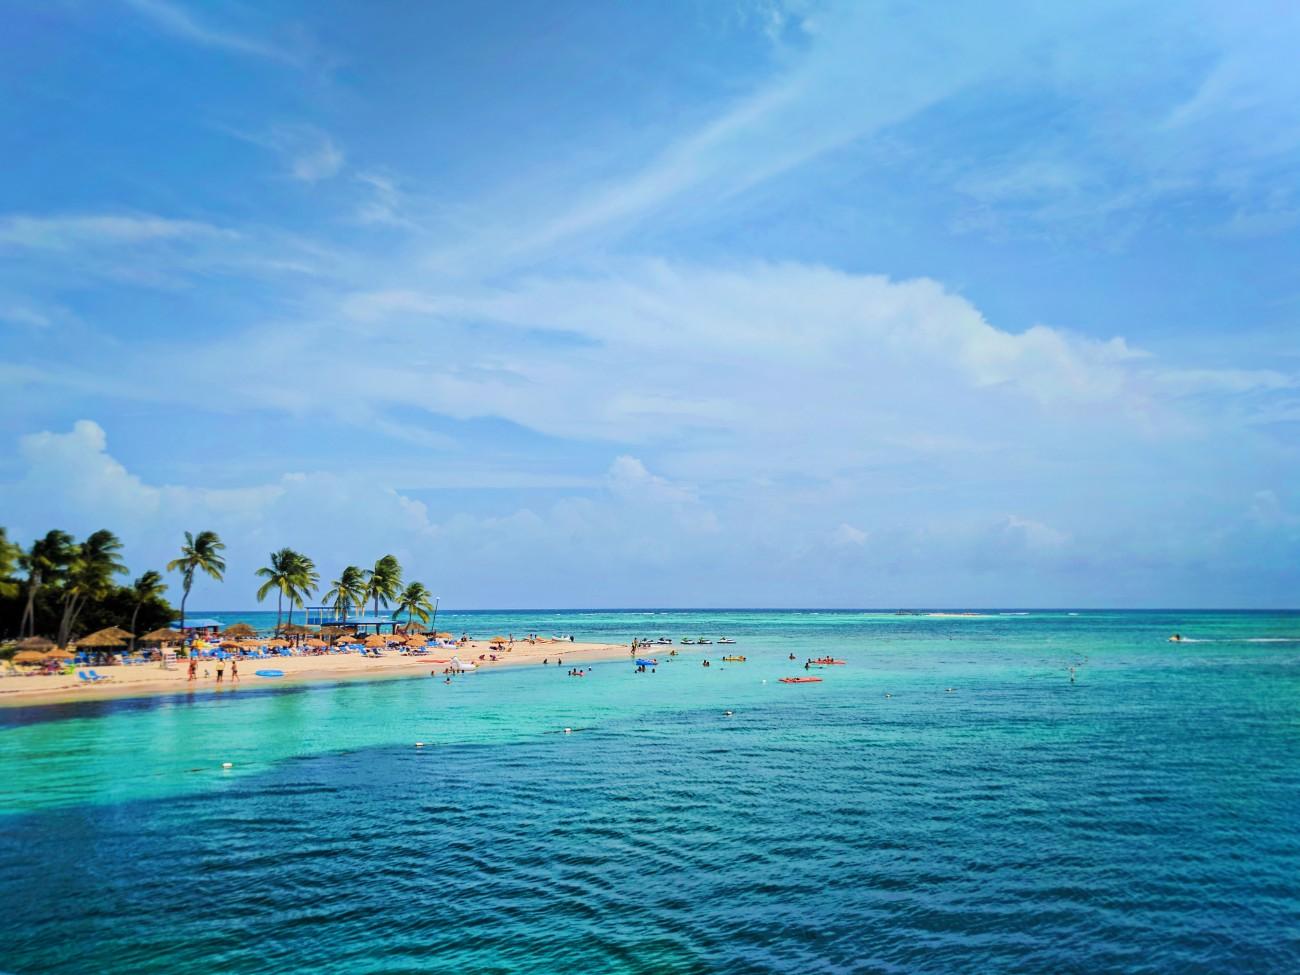 Beach on Isla Palominito El Conquistador Puerto Rico 2